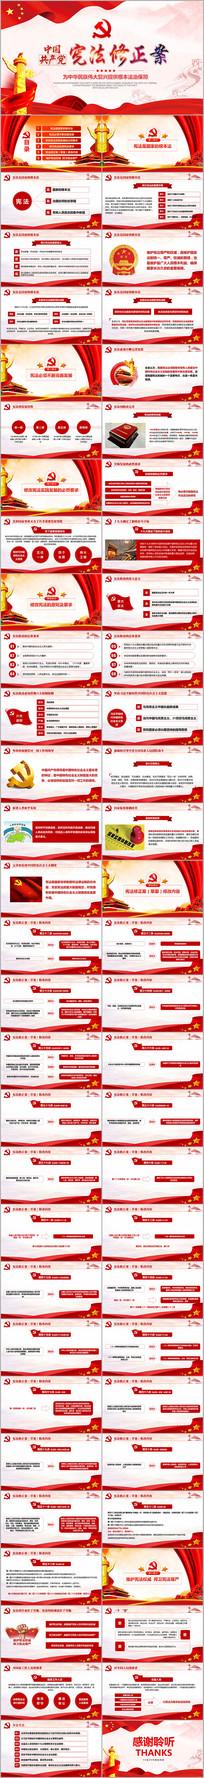 中华人民共和国宪法修正案汇报PPT